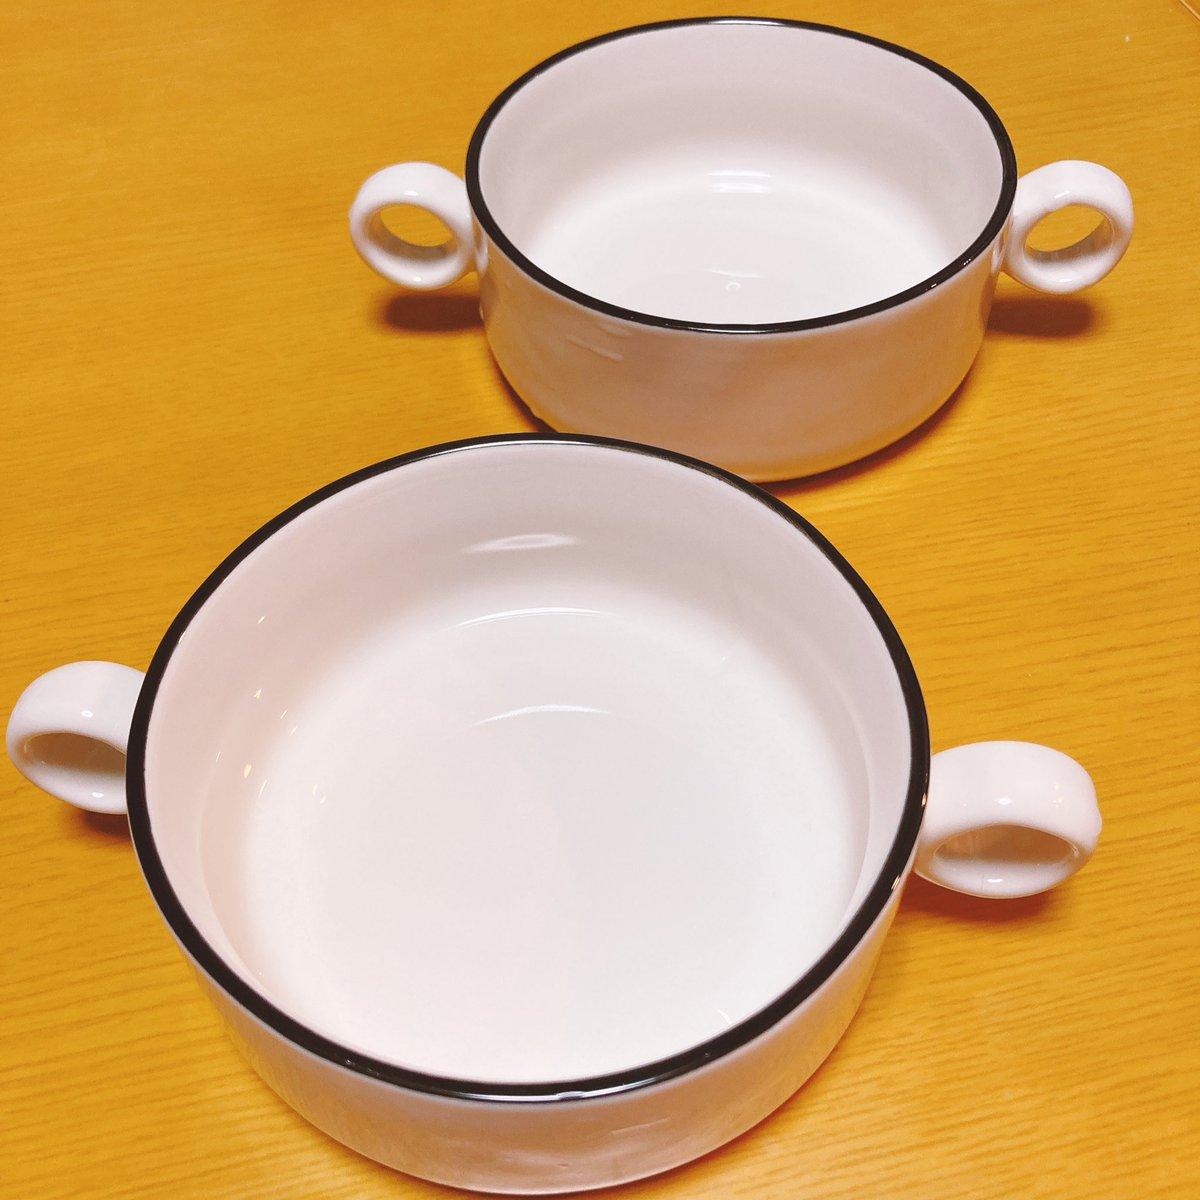 test ツイッターメディア - ついに新しいスープ皿を調達🥺✨スリーコインズです💗センスはいかほど!? 欲を言えば縁は黒じゃなくて青が良かったな〜❣️ https://t.co/l0oAMtXl5u